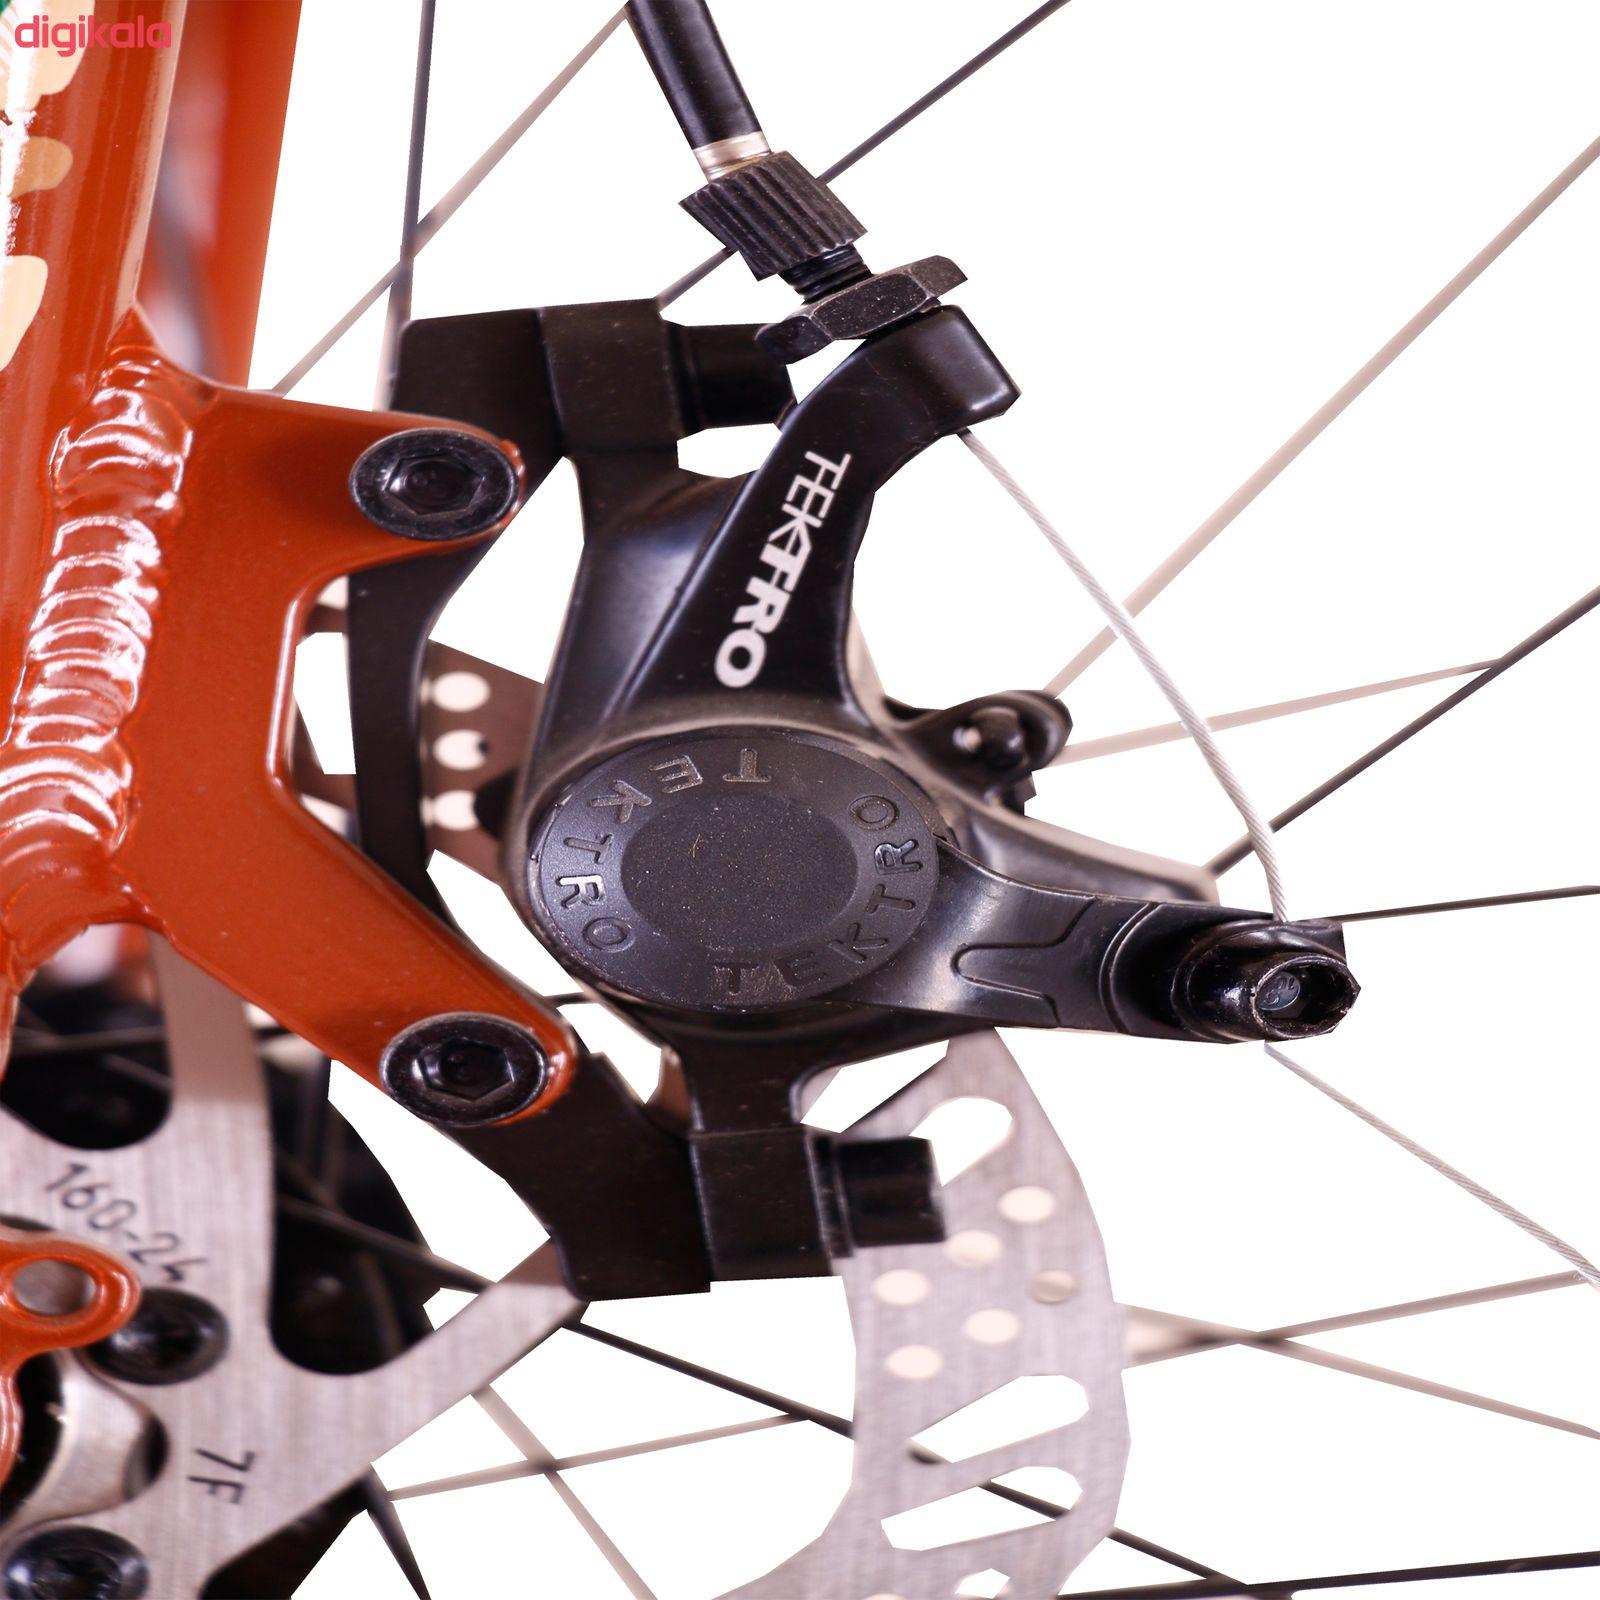 دوچرخه کوهستان کراس مدل HULK  main 1 1